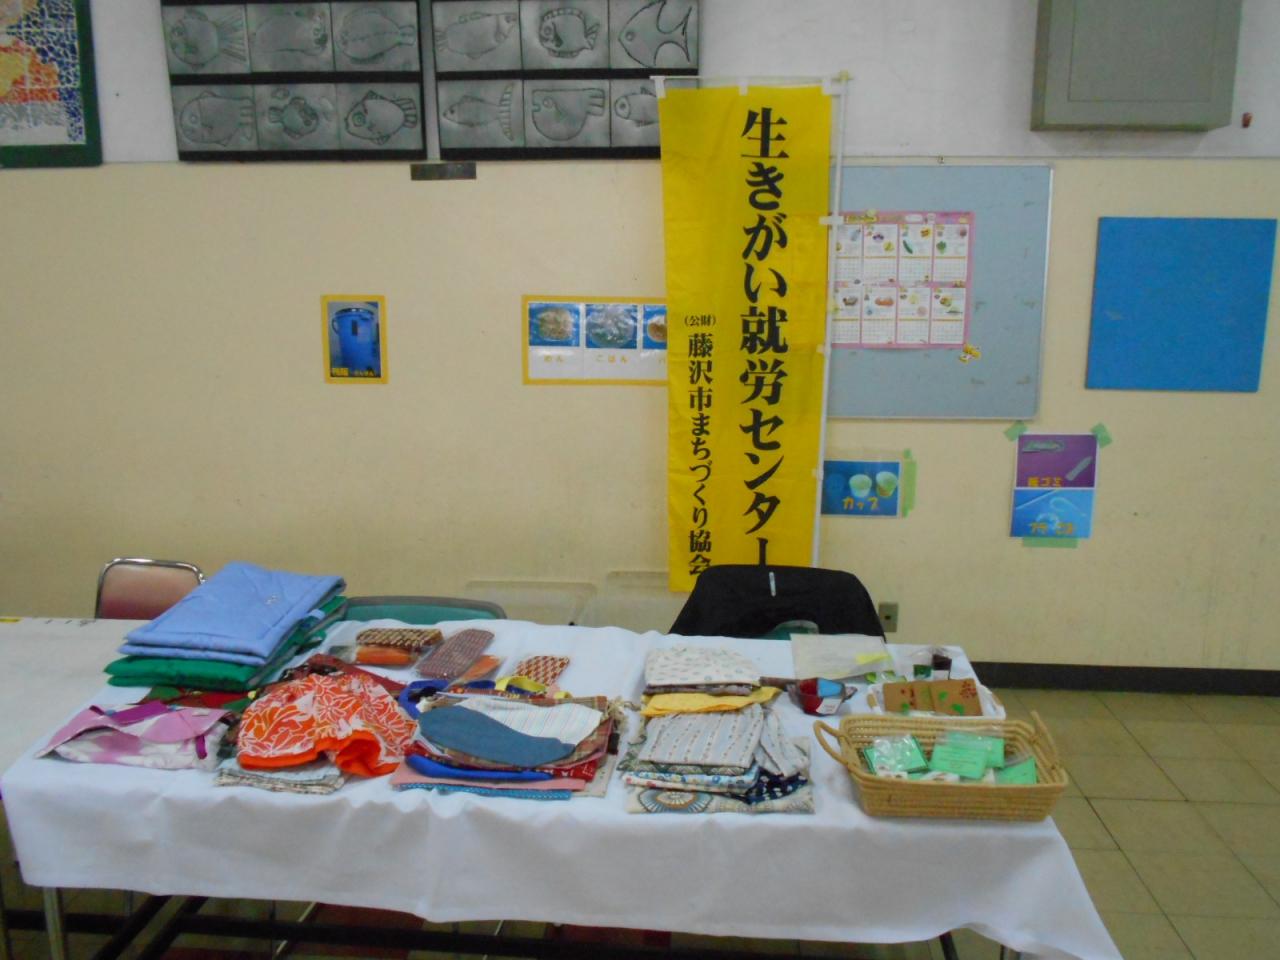 藤沢養護学校文化祭